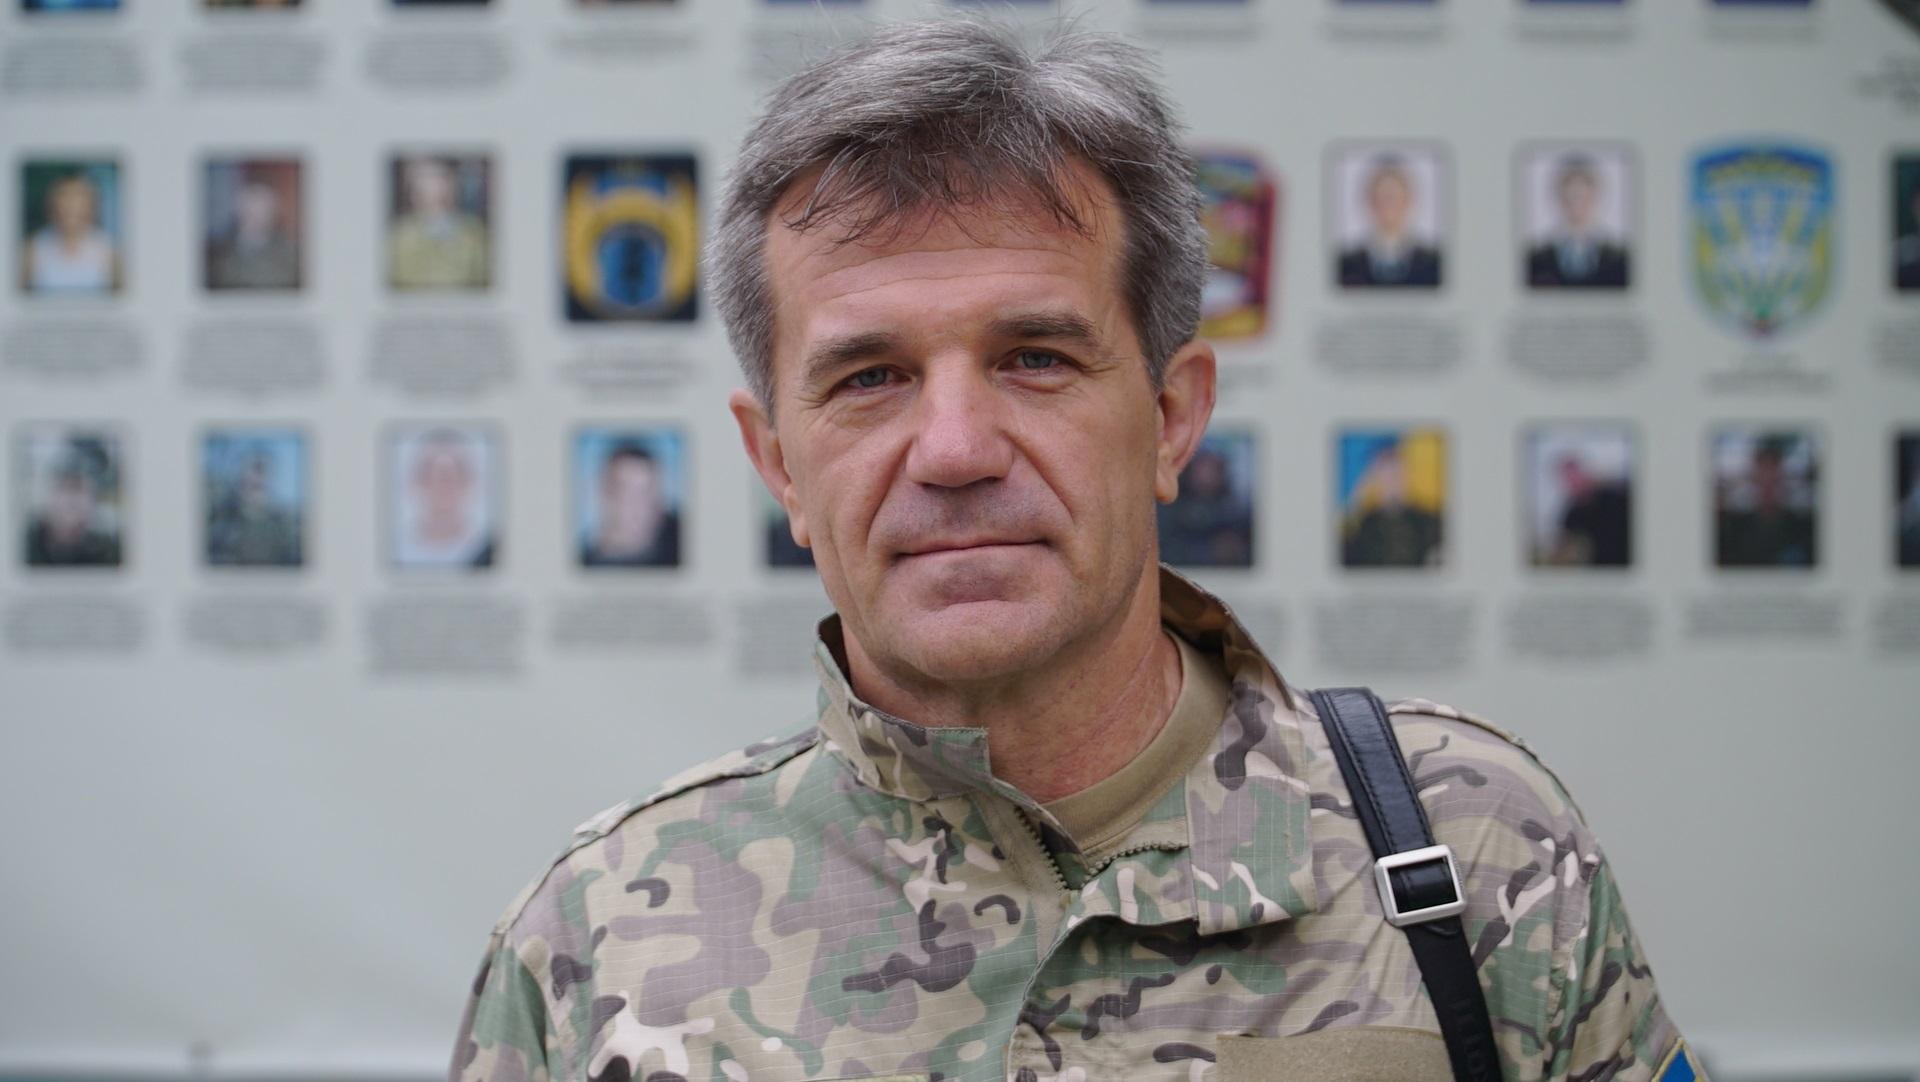 Правящая верхушка собственными действиями подталкивает людей к третьему Майдану, — Костанчук